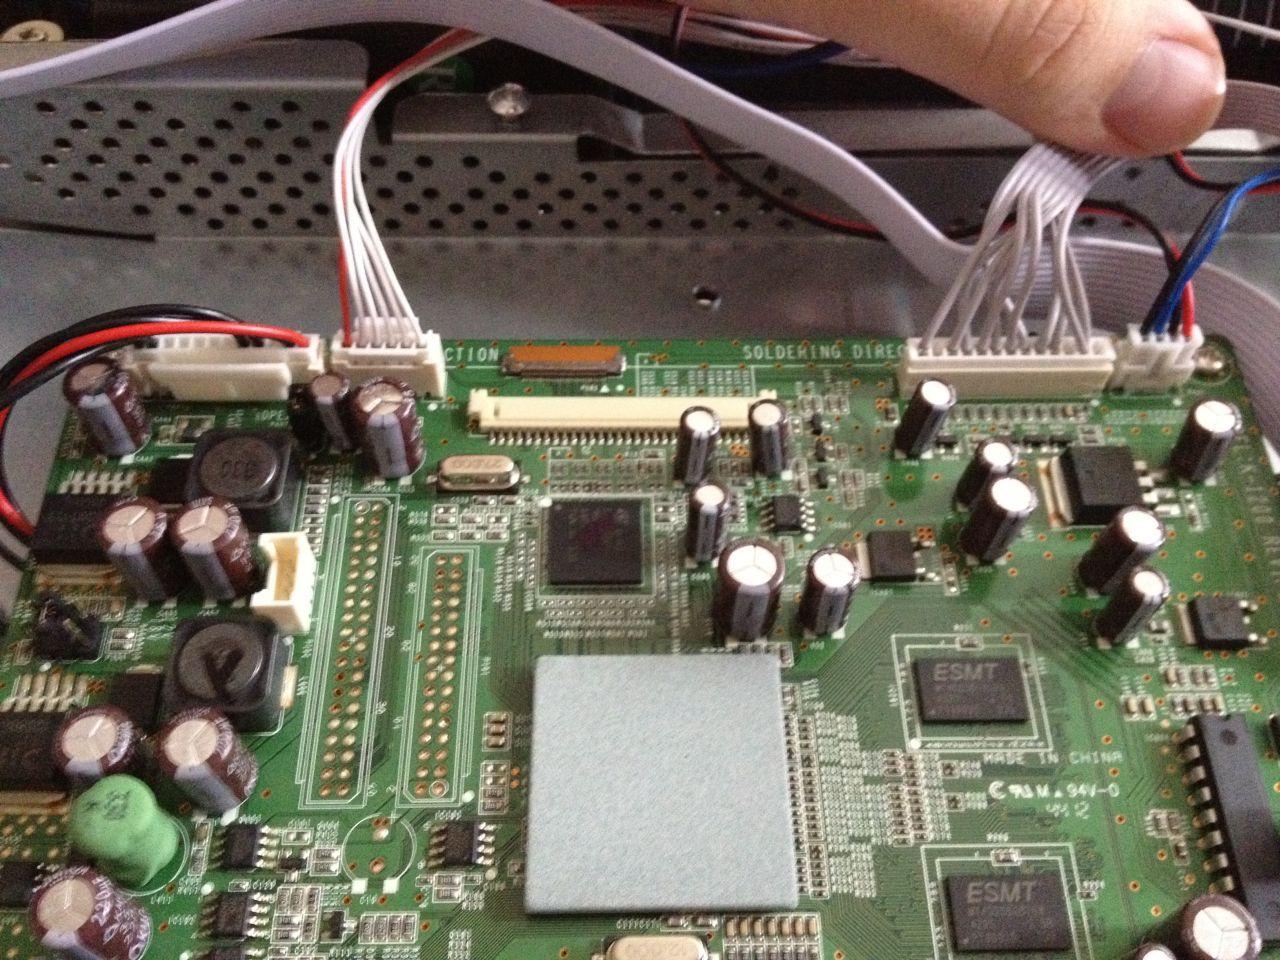 /img/hardware/monitor-overclock/IMG_4037.jpg